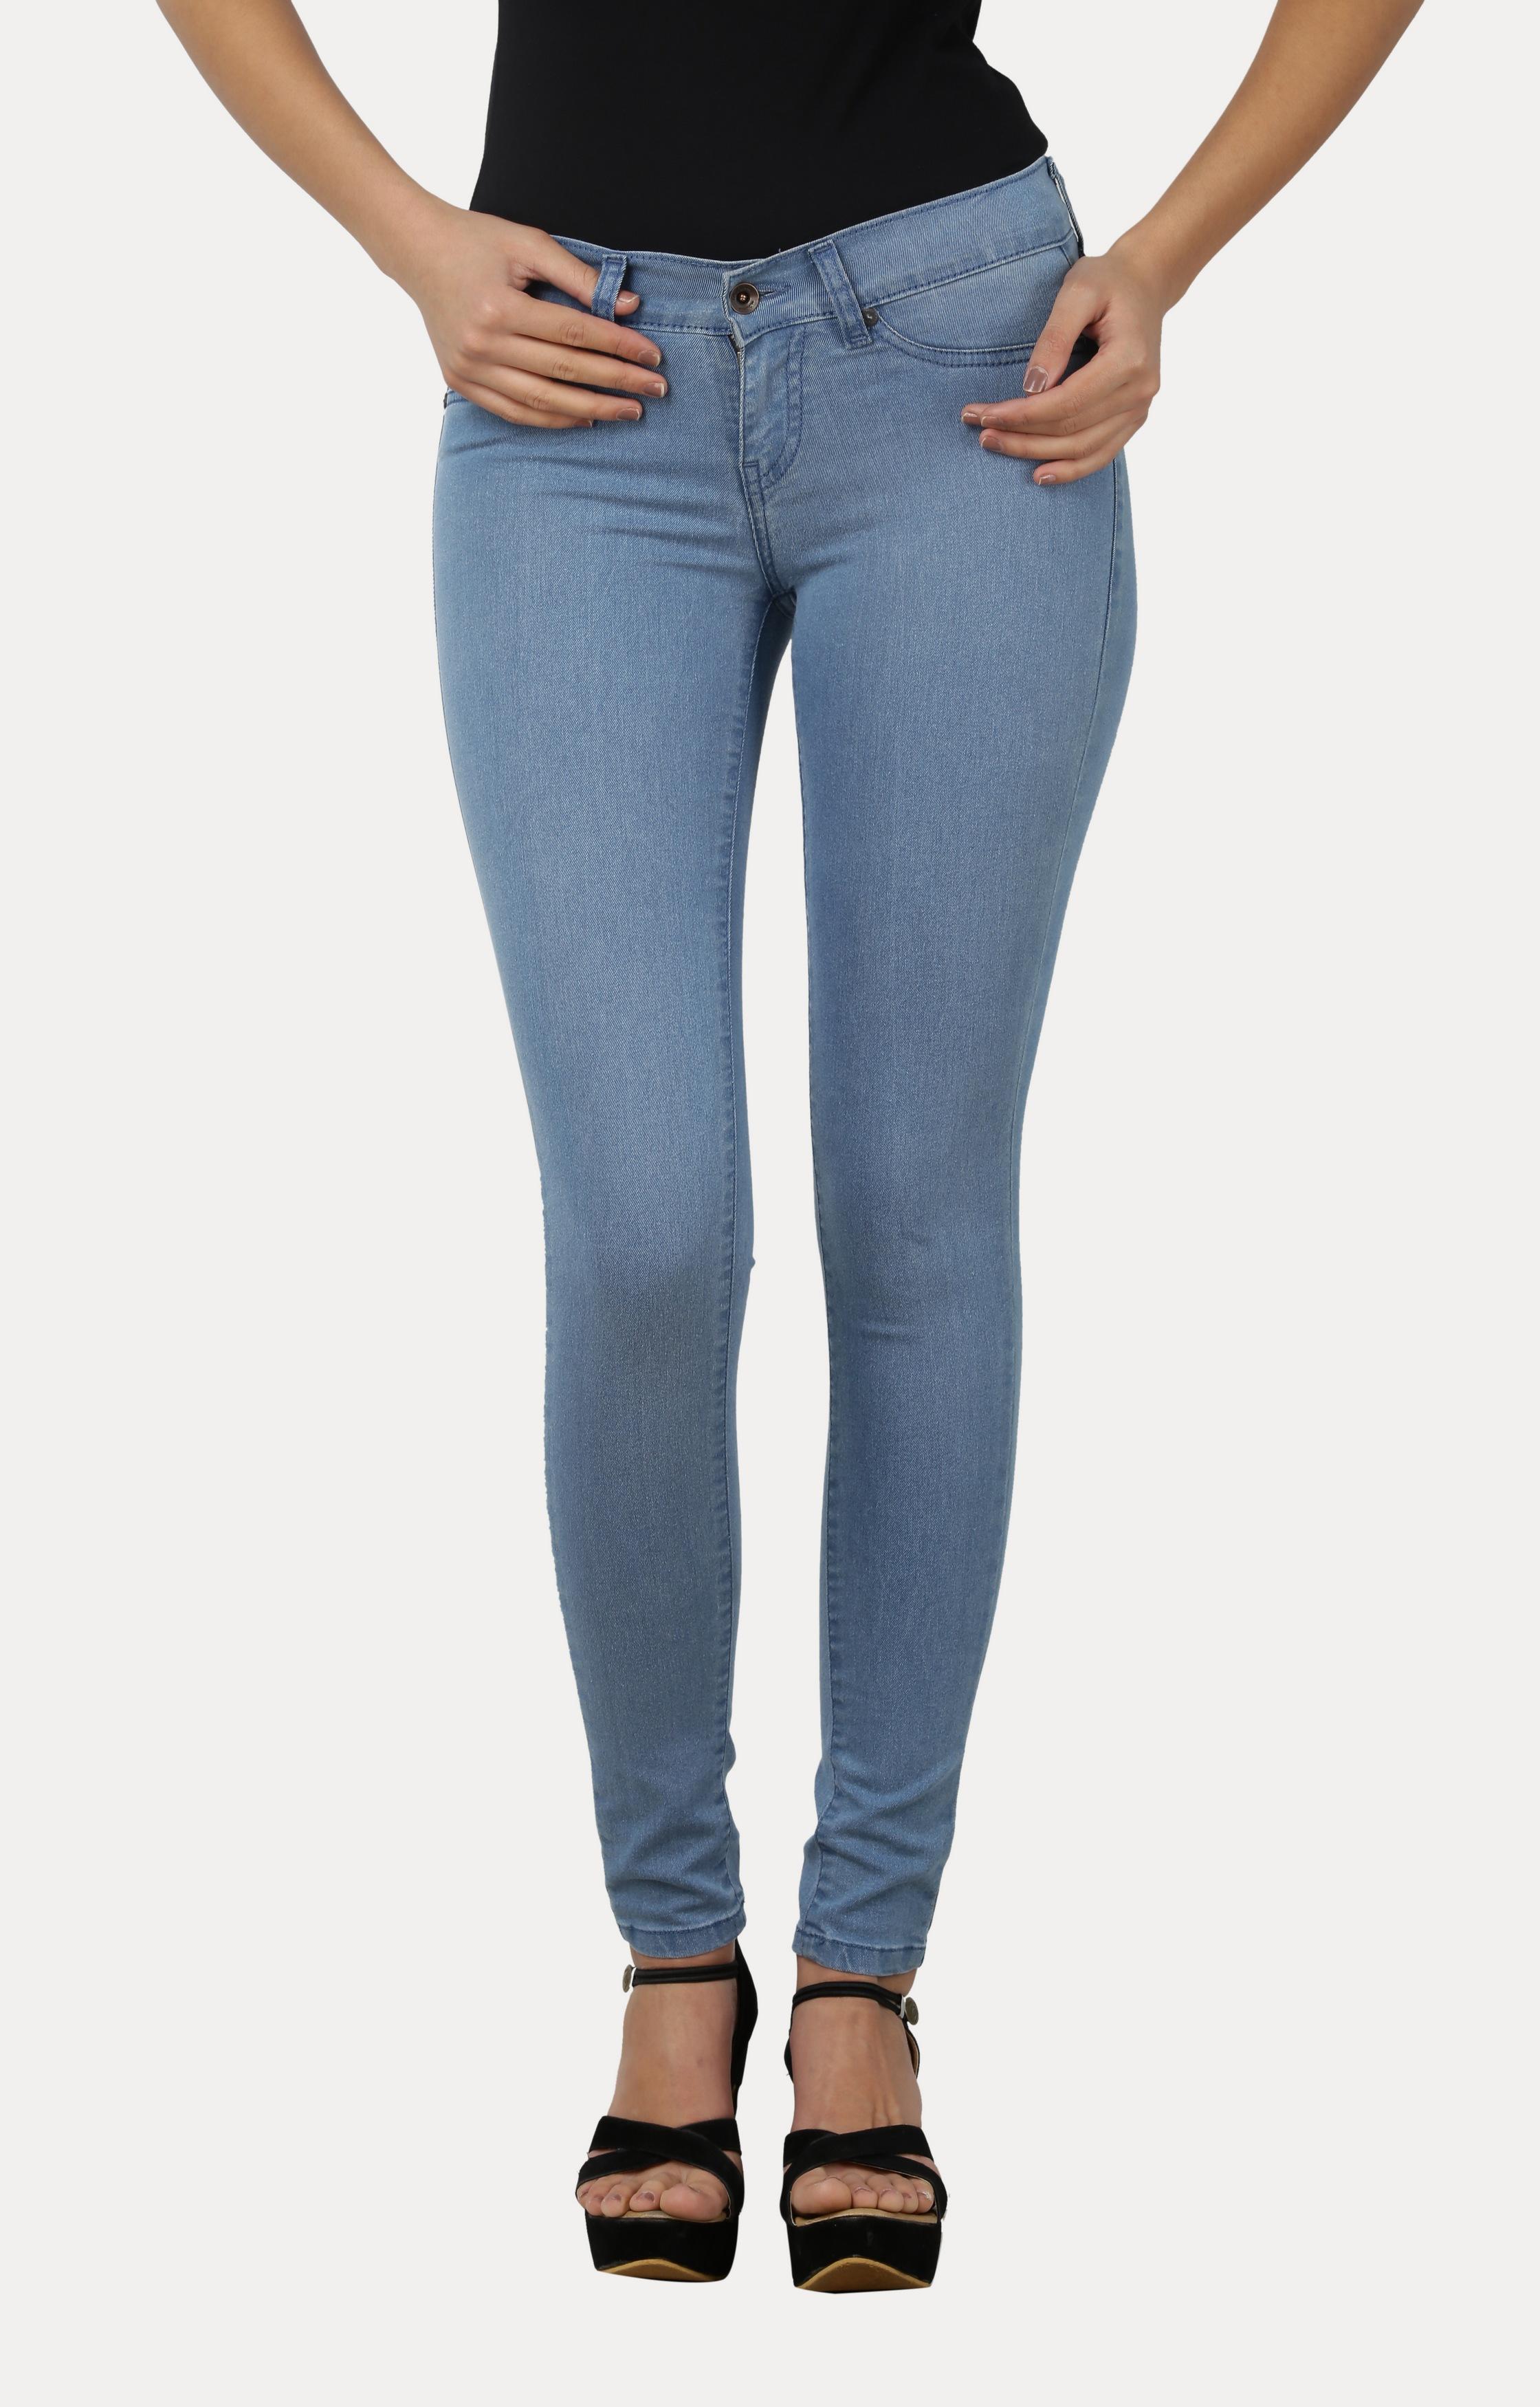 Pepe Jeans | JEGGING.2_LT-IND